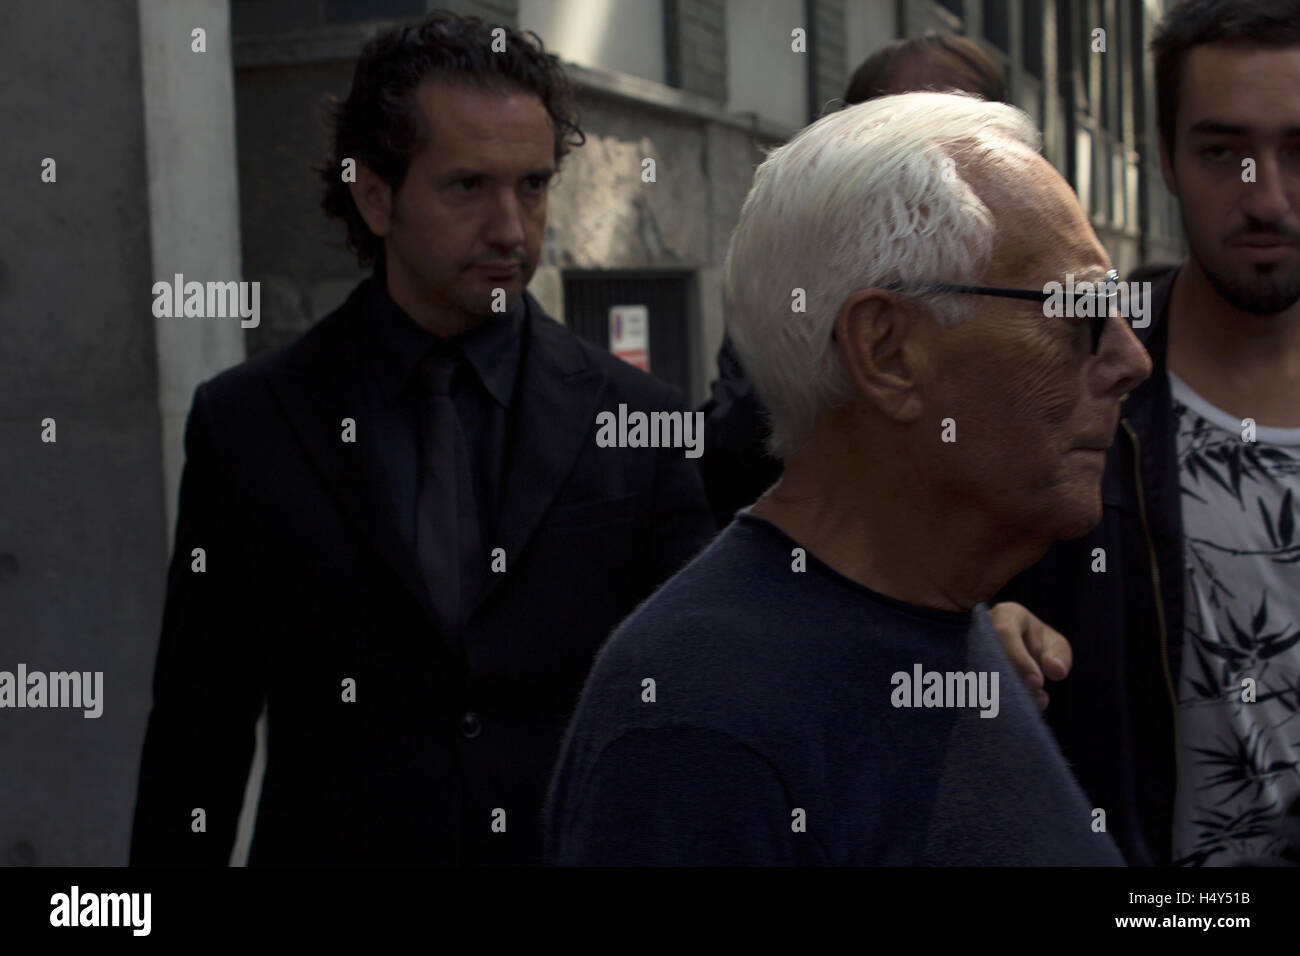 Giorgio Armani Fashion Show Stock Photos Giorgio Armani